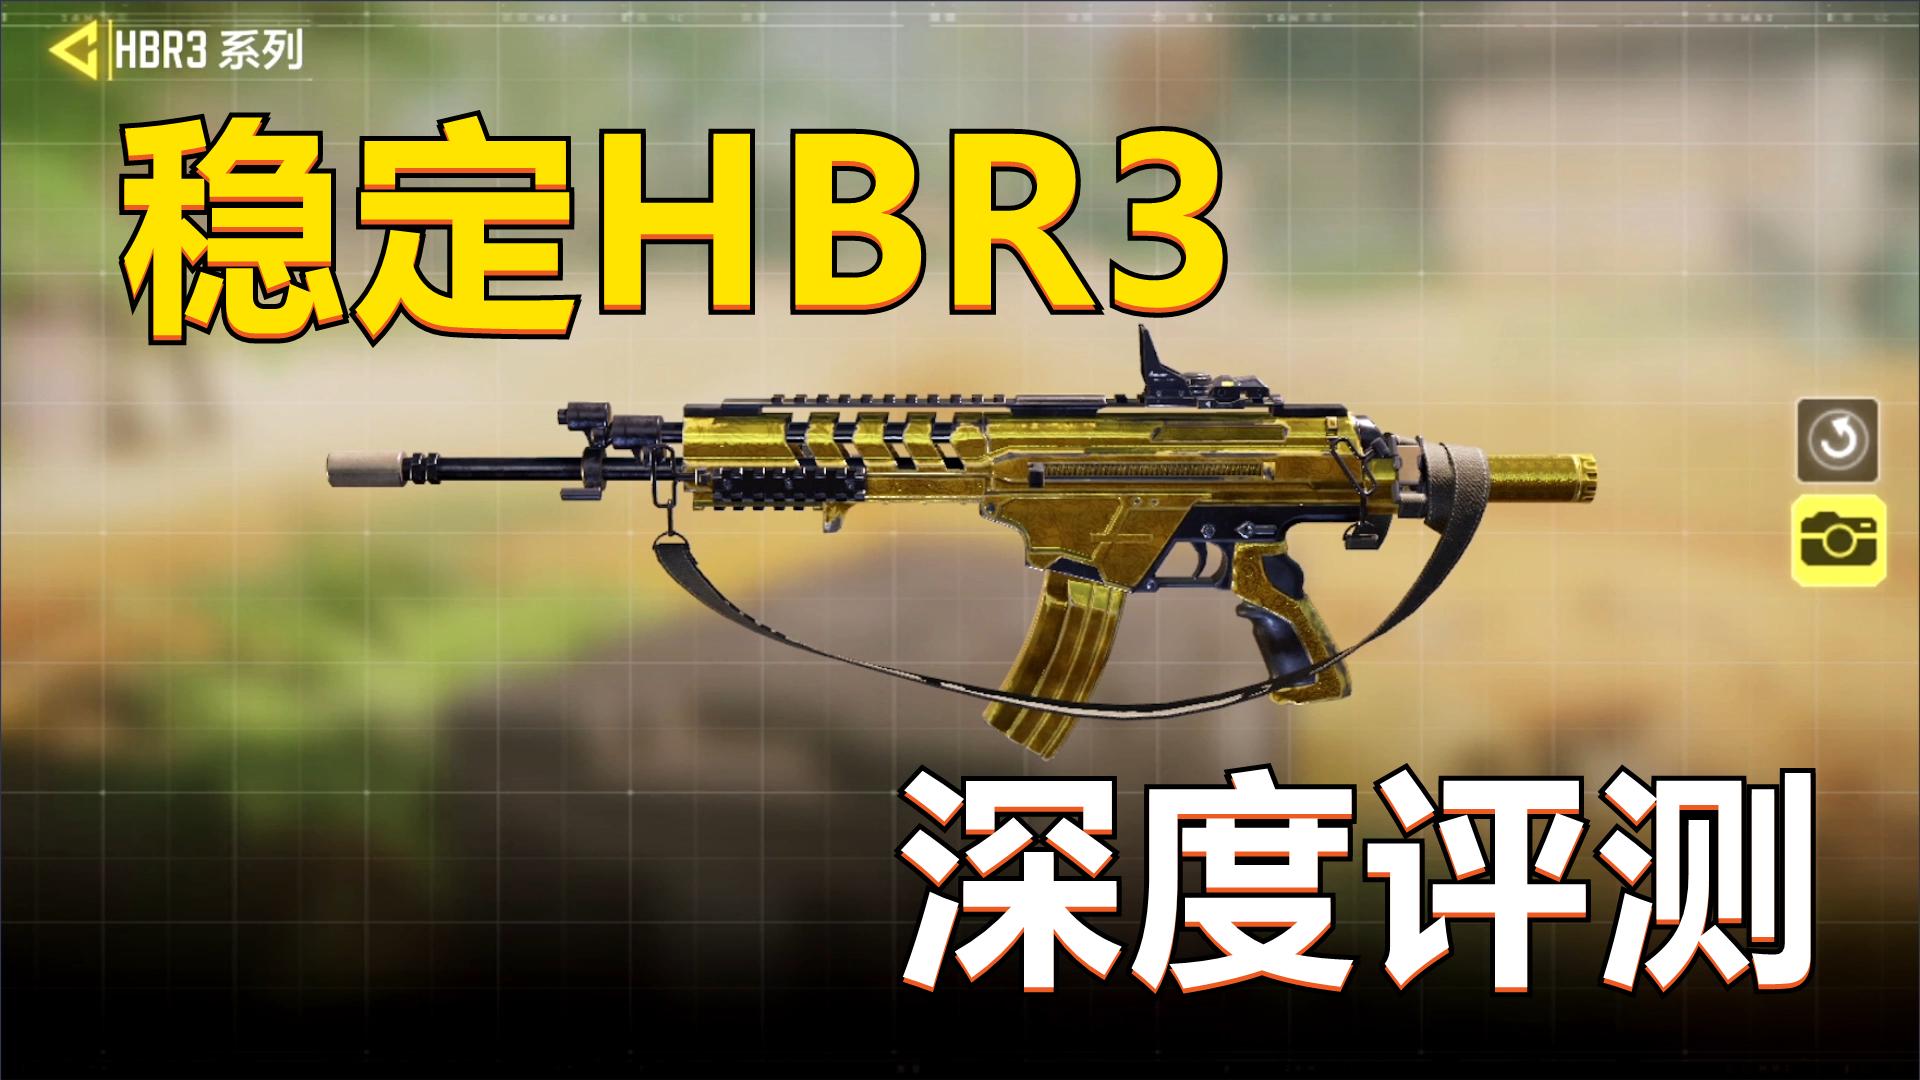 【使命召唤手游】HBR3枪械评测,版本唯一拥有枪带的步枪,稳如老狗